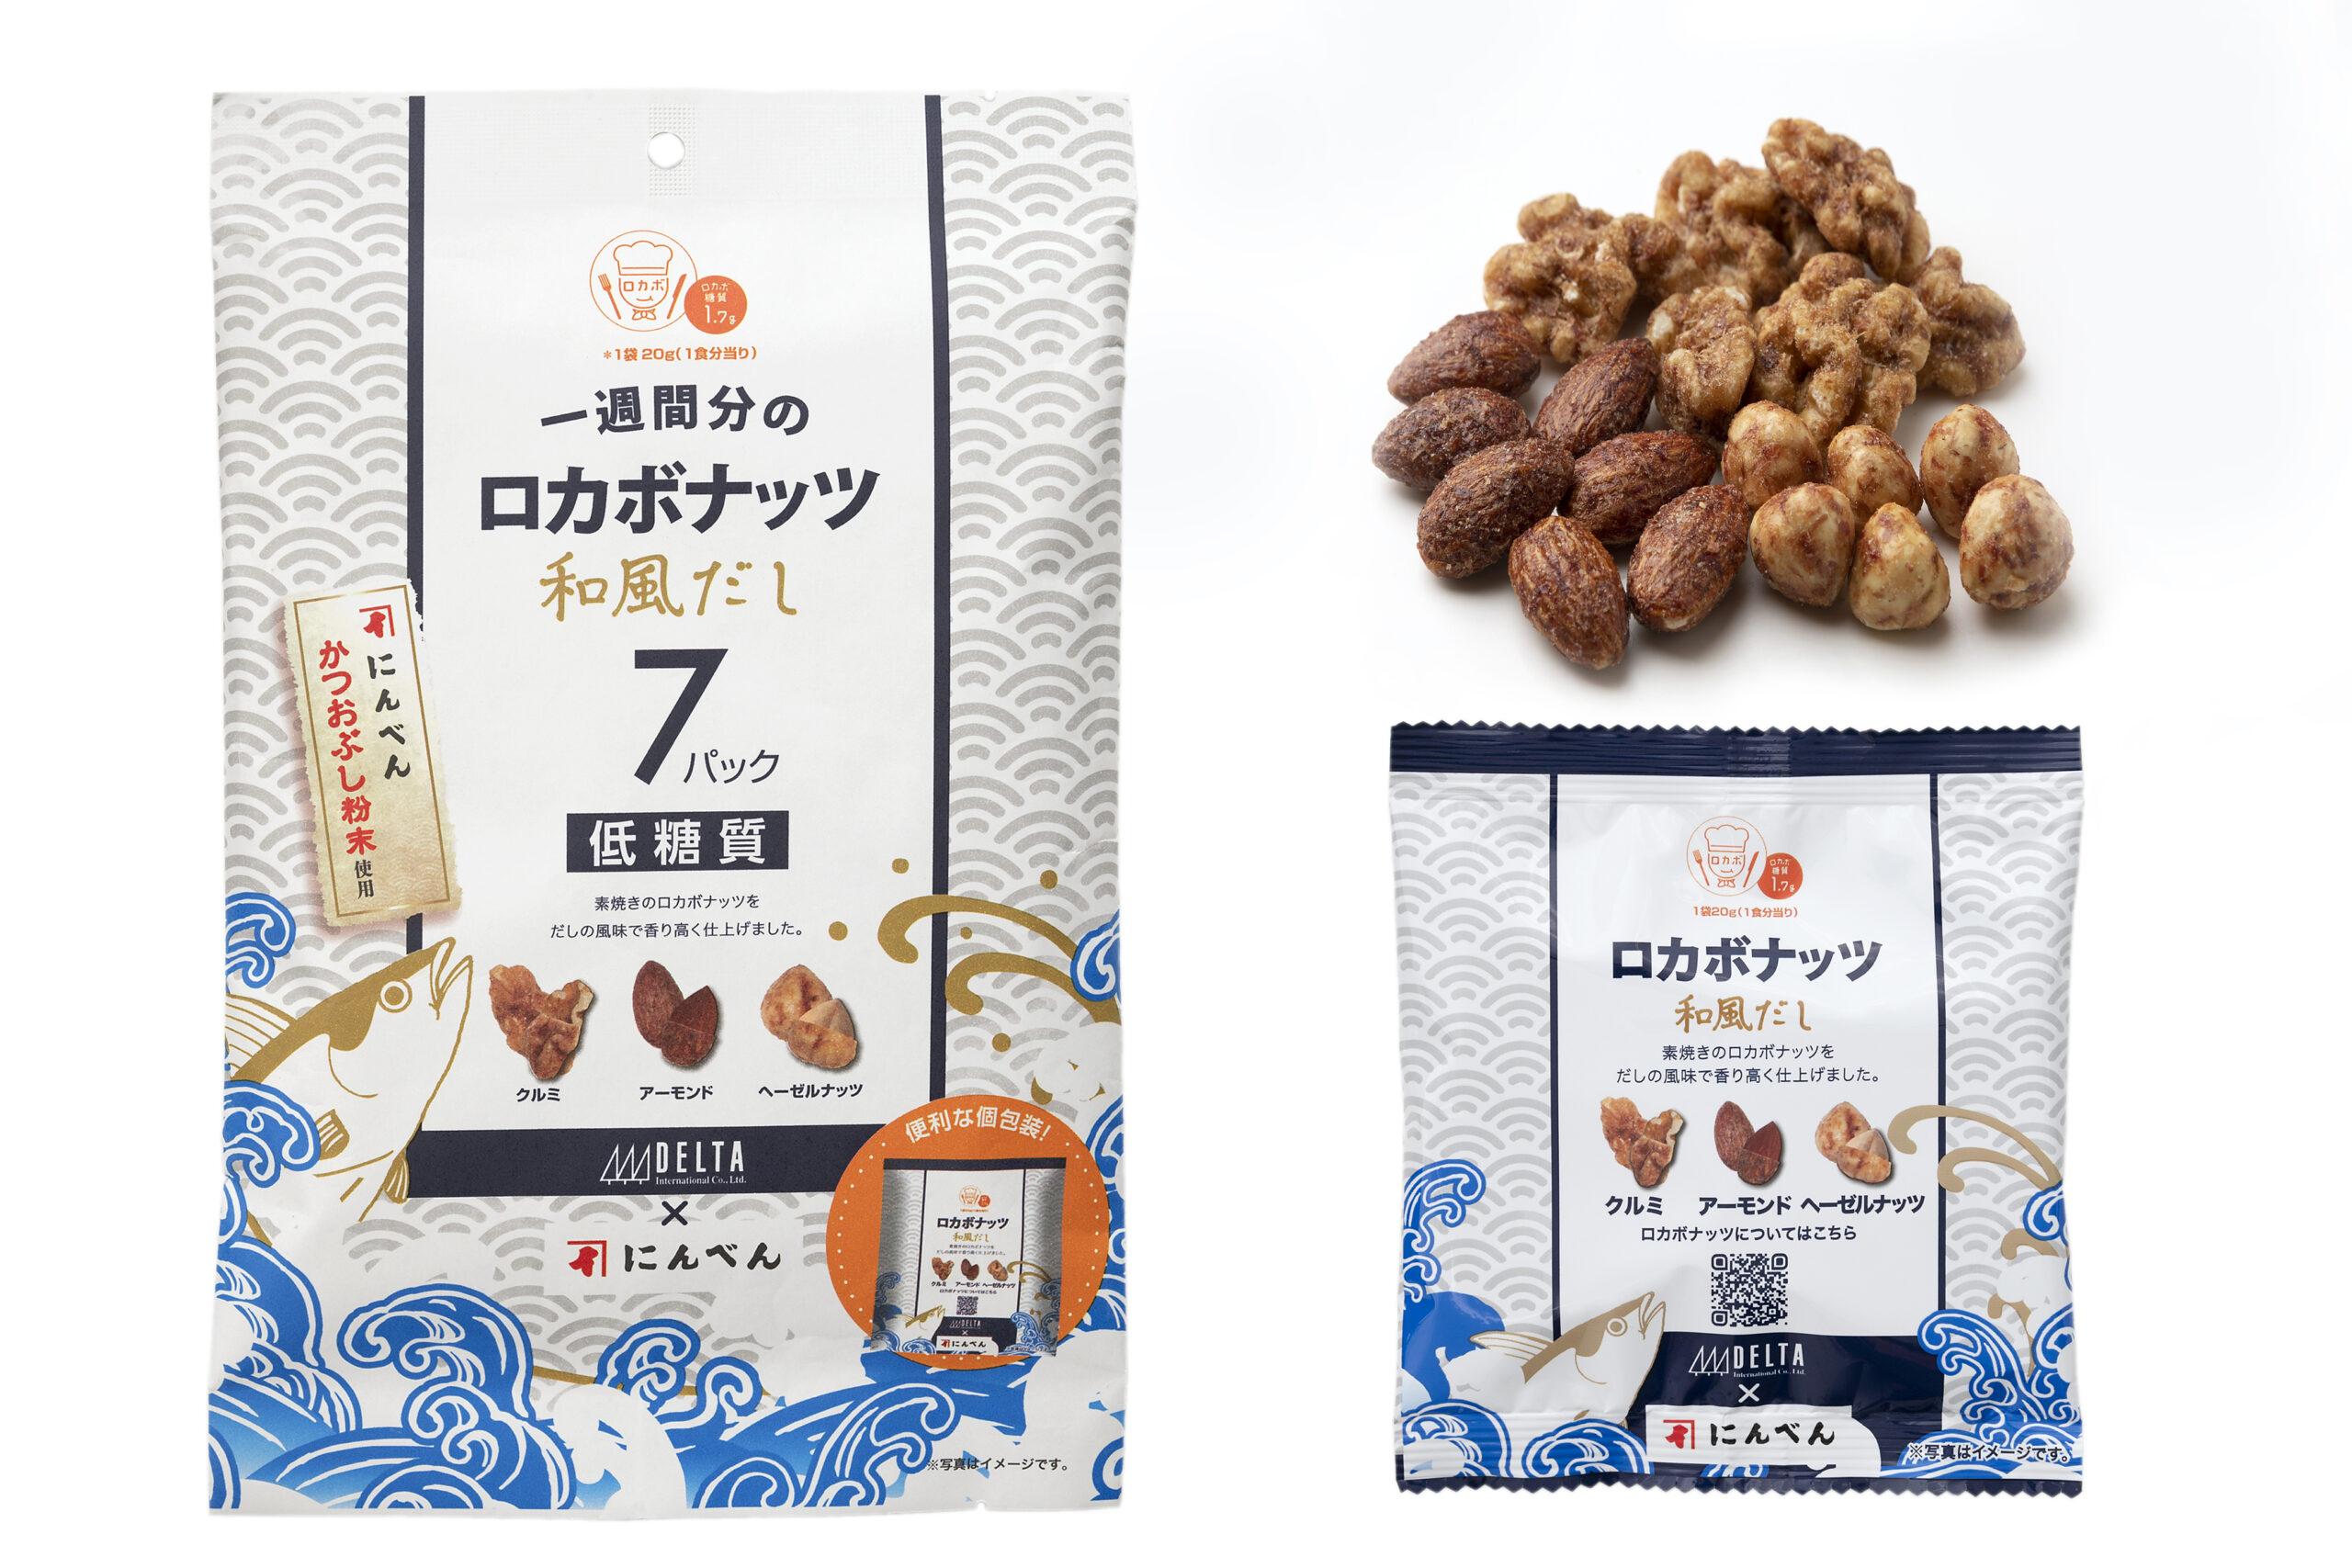 """低糖質ロカボナッツ+にんべんの""""だし""""のコラボ商品が新発売!"""